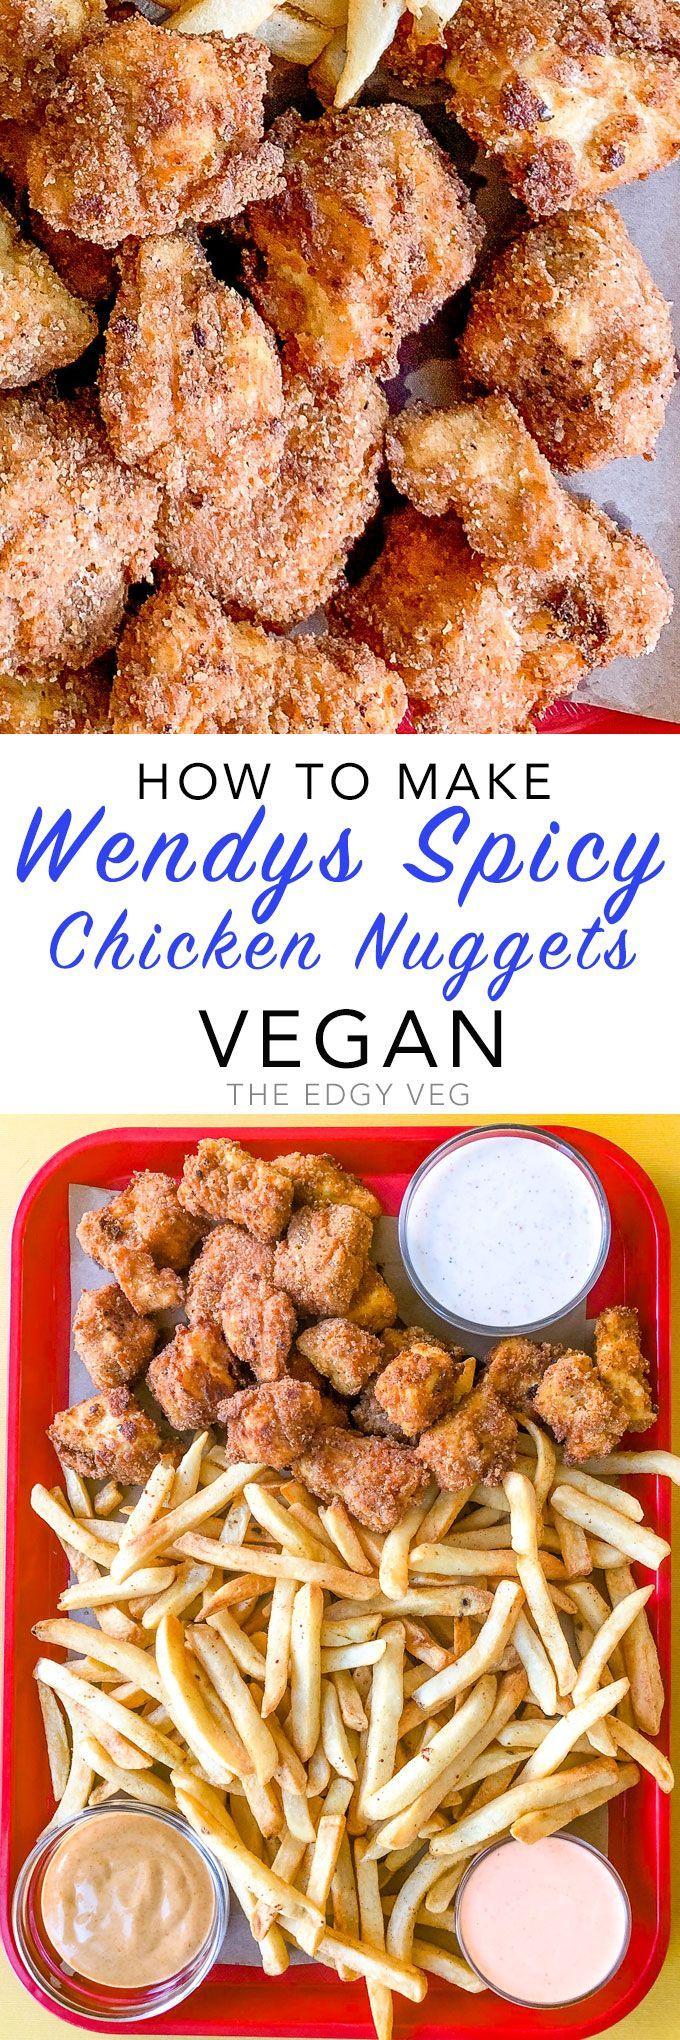 Wendy's Spicy Chicken Nuggets — Vegan